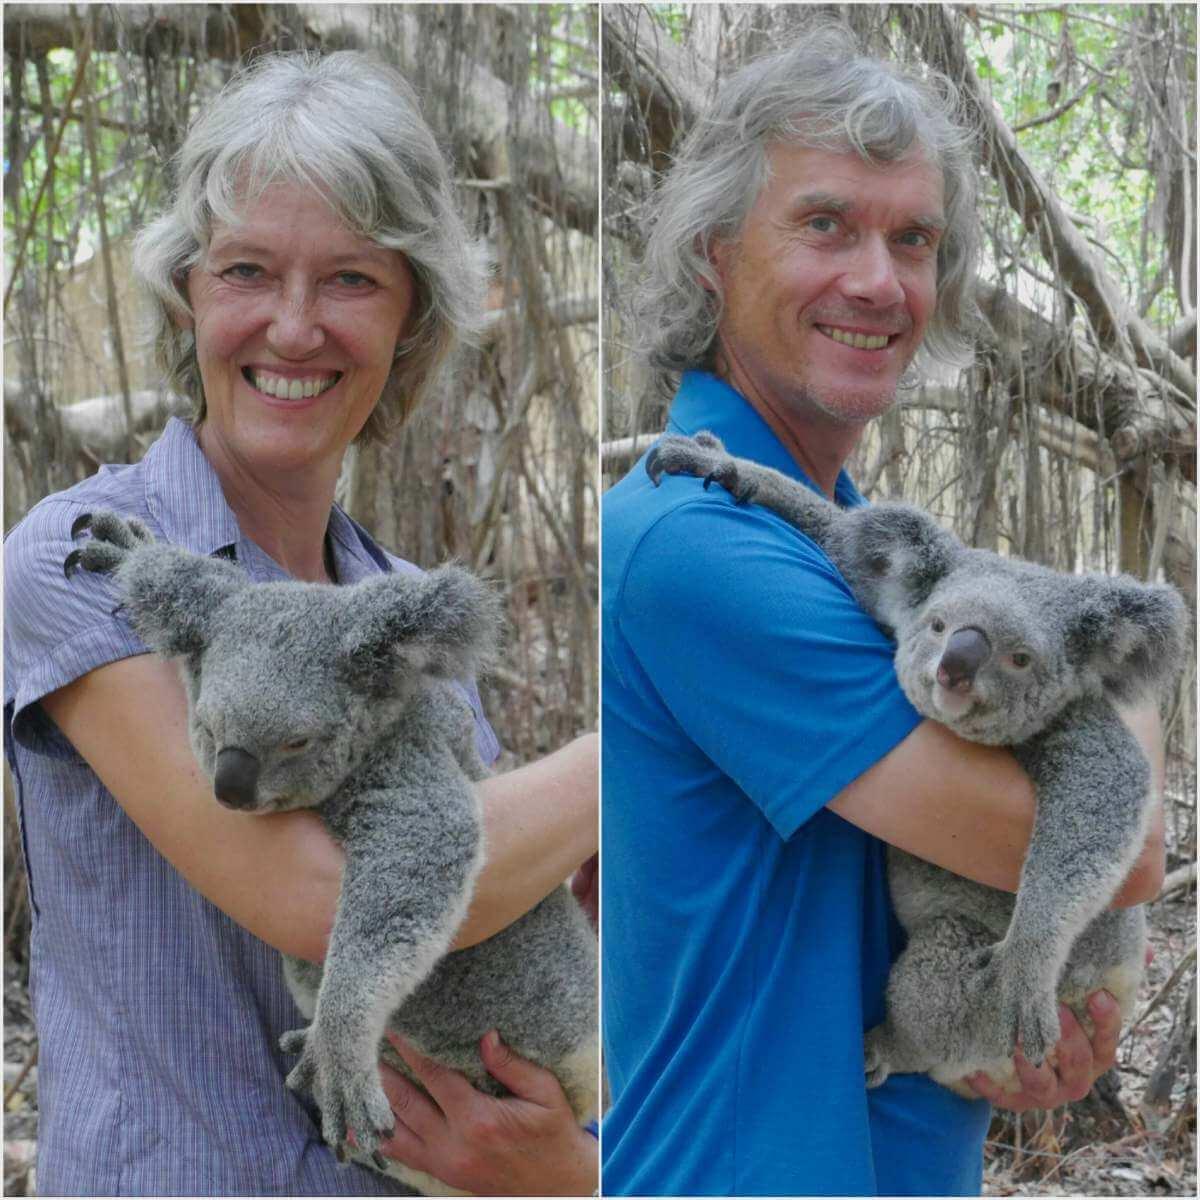 Gina und Marcus halten einen Koala.